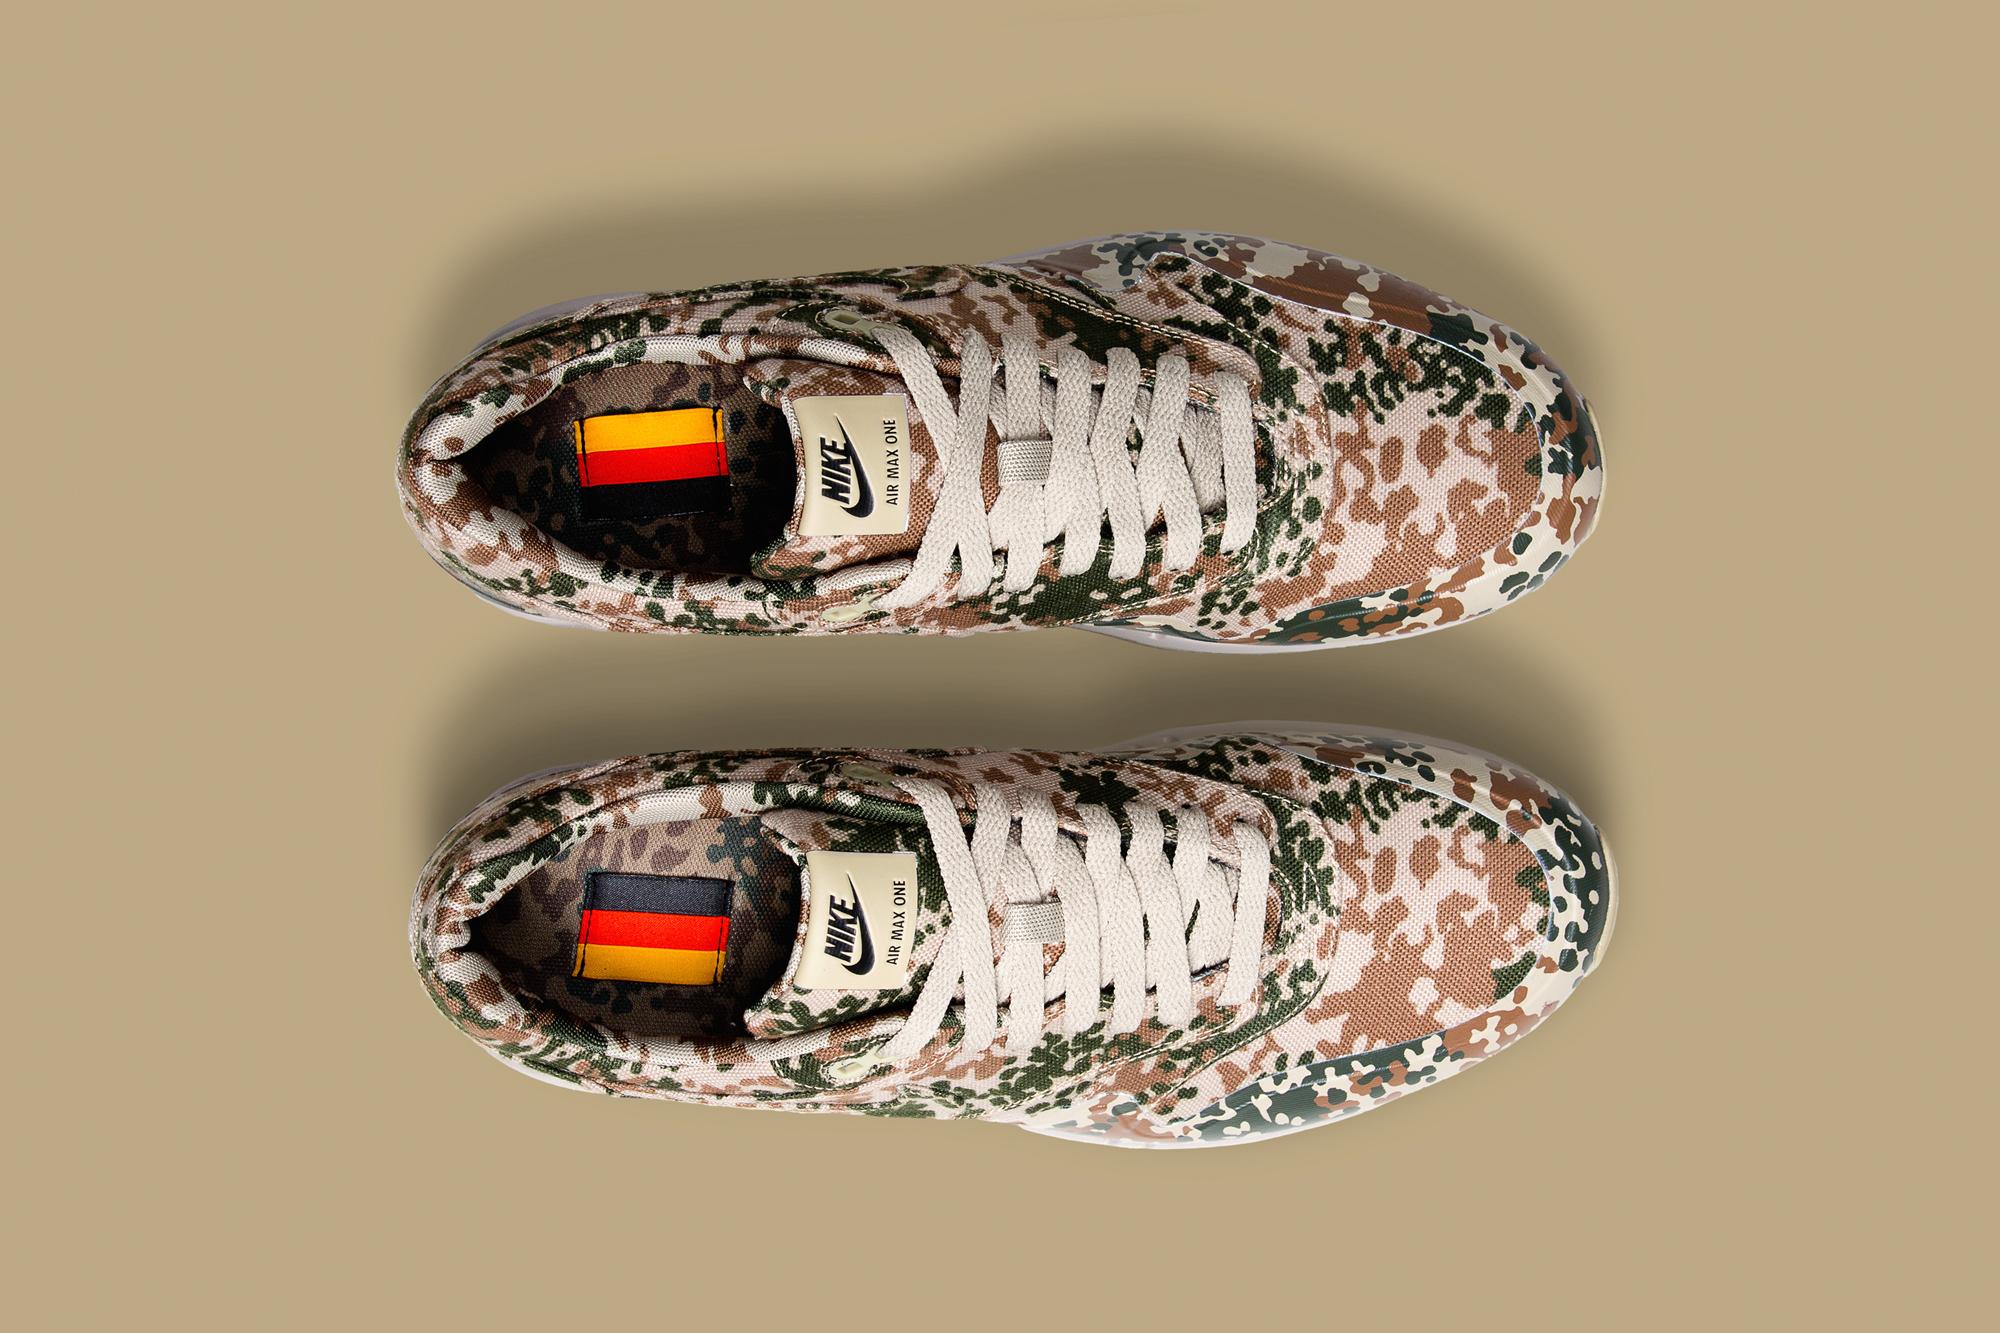 100% authentic 6c1db 9a1b4 nike air max camo deutschland